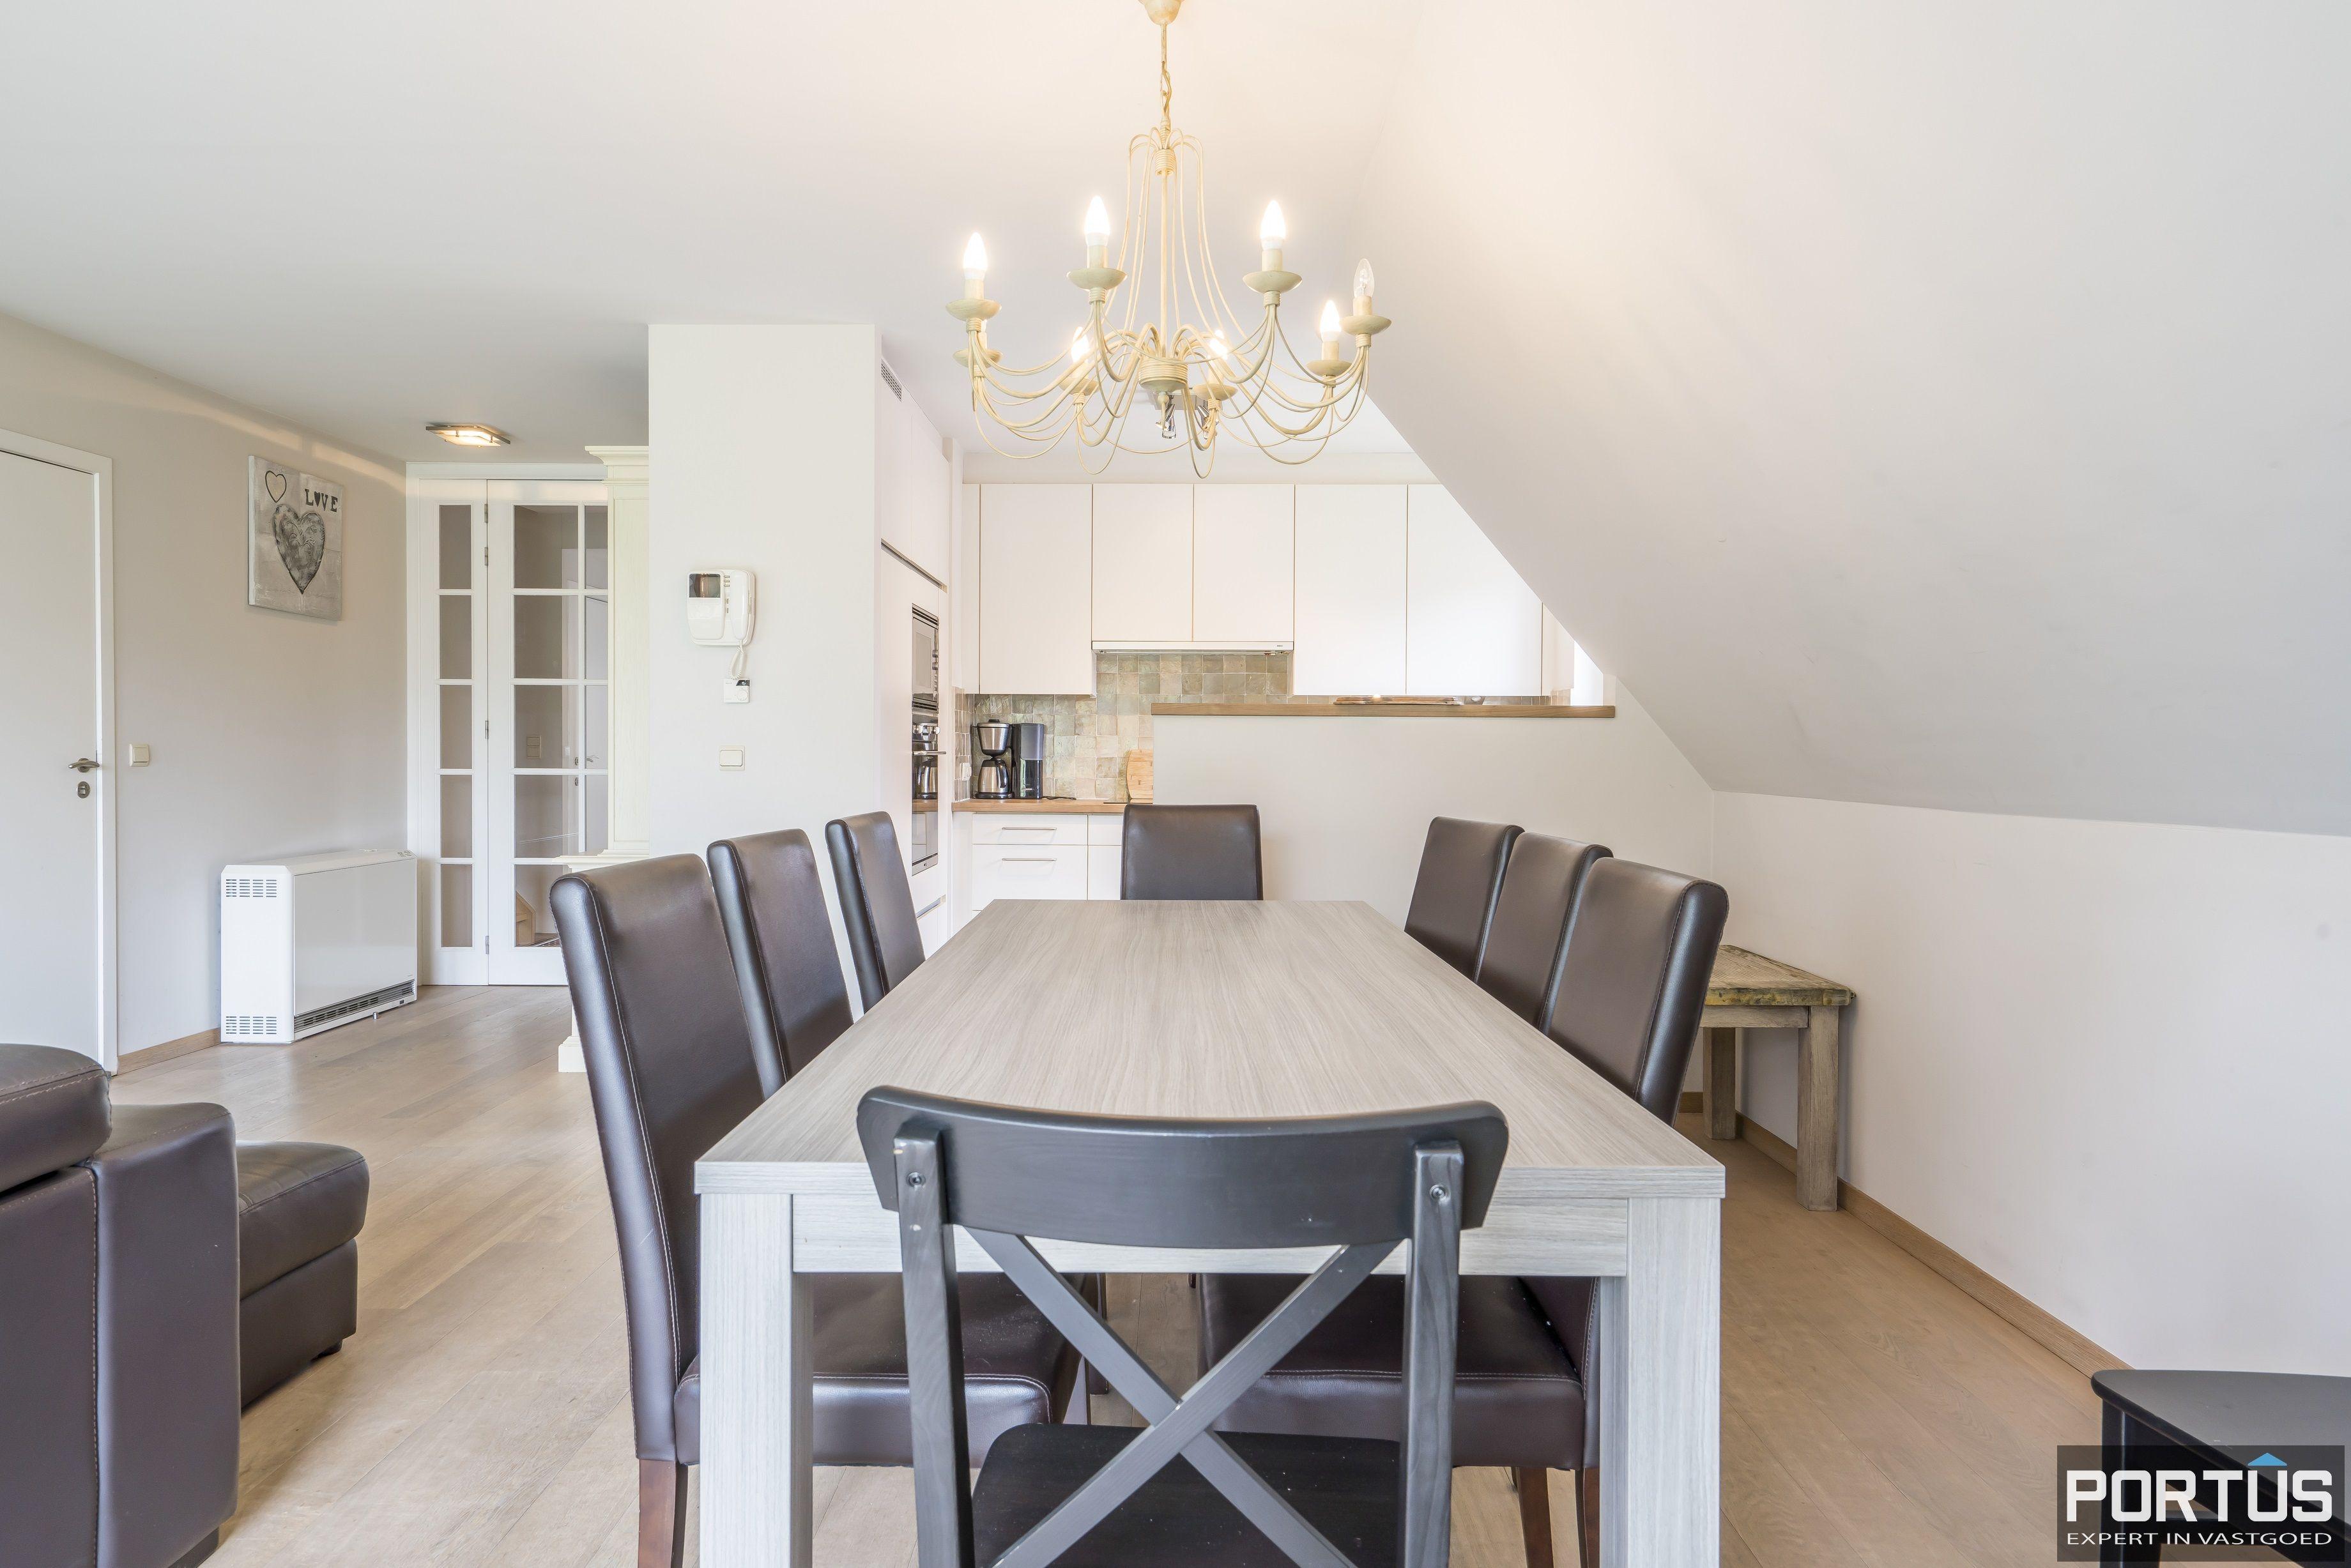 Appartement te koop te Nieuwpoort met 4 slaapkamers - 12995